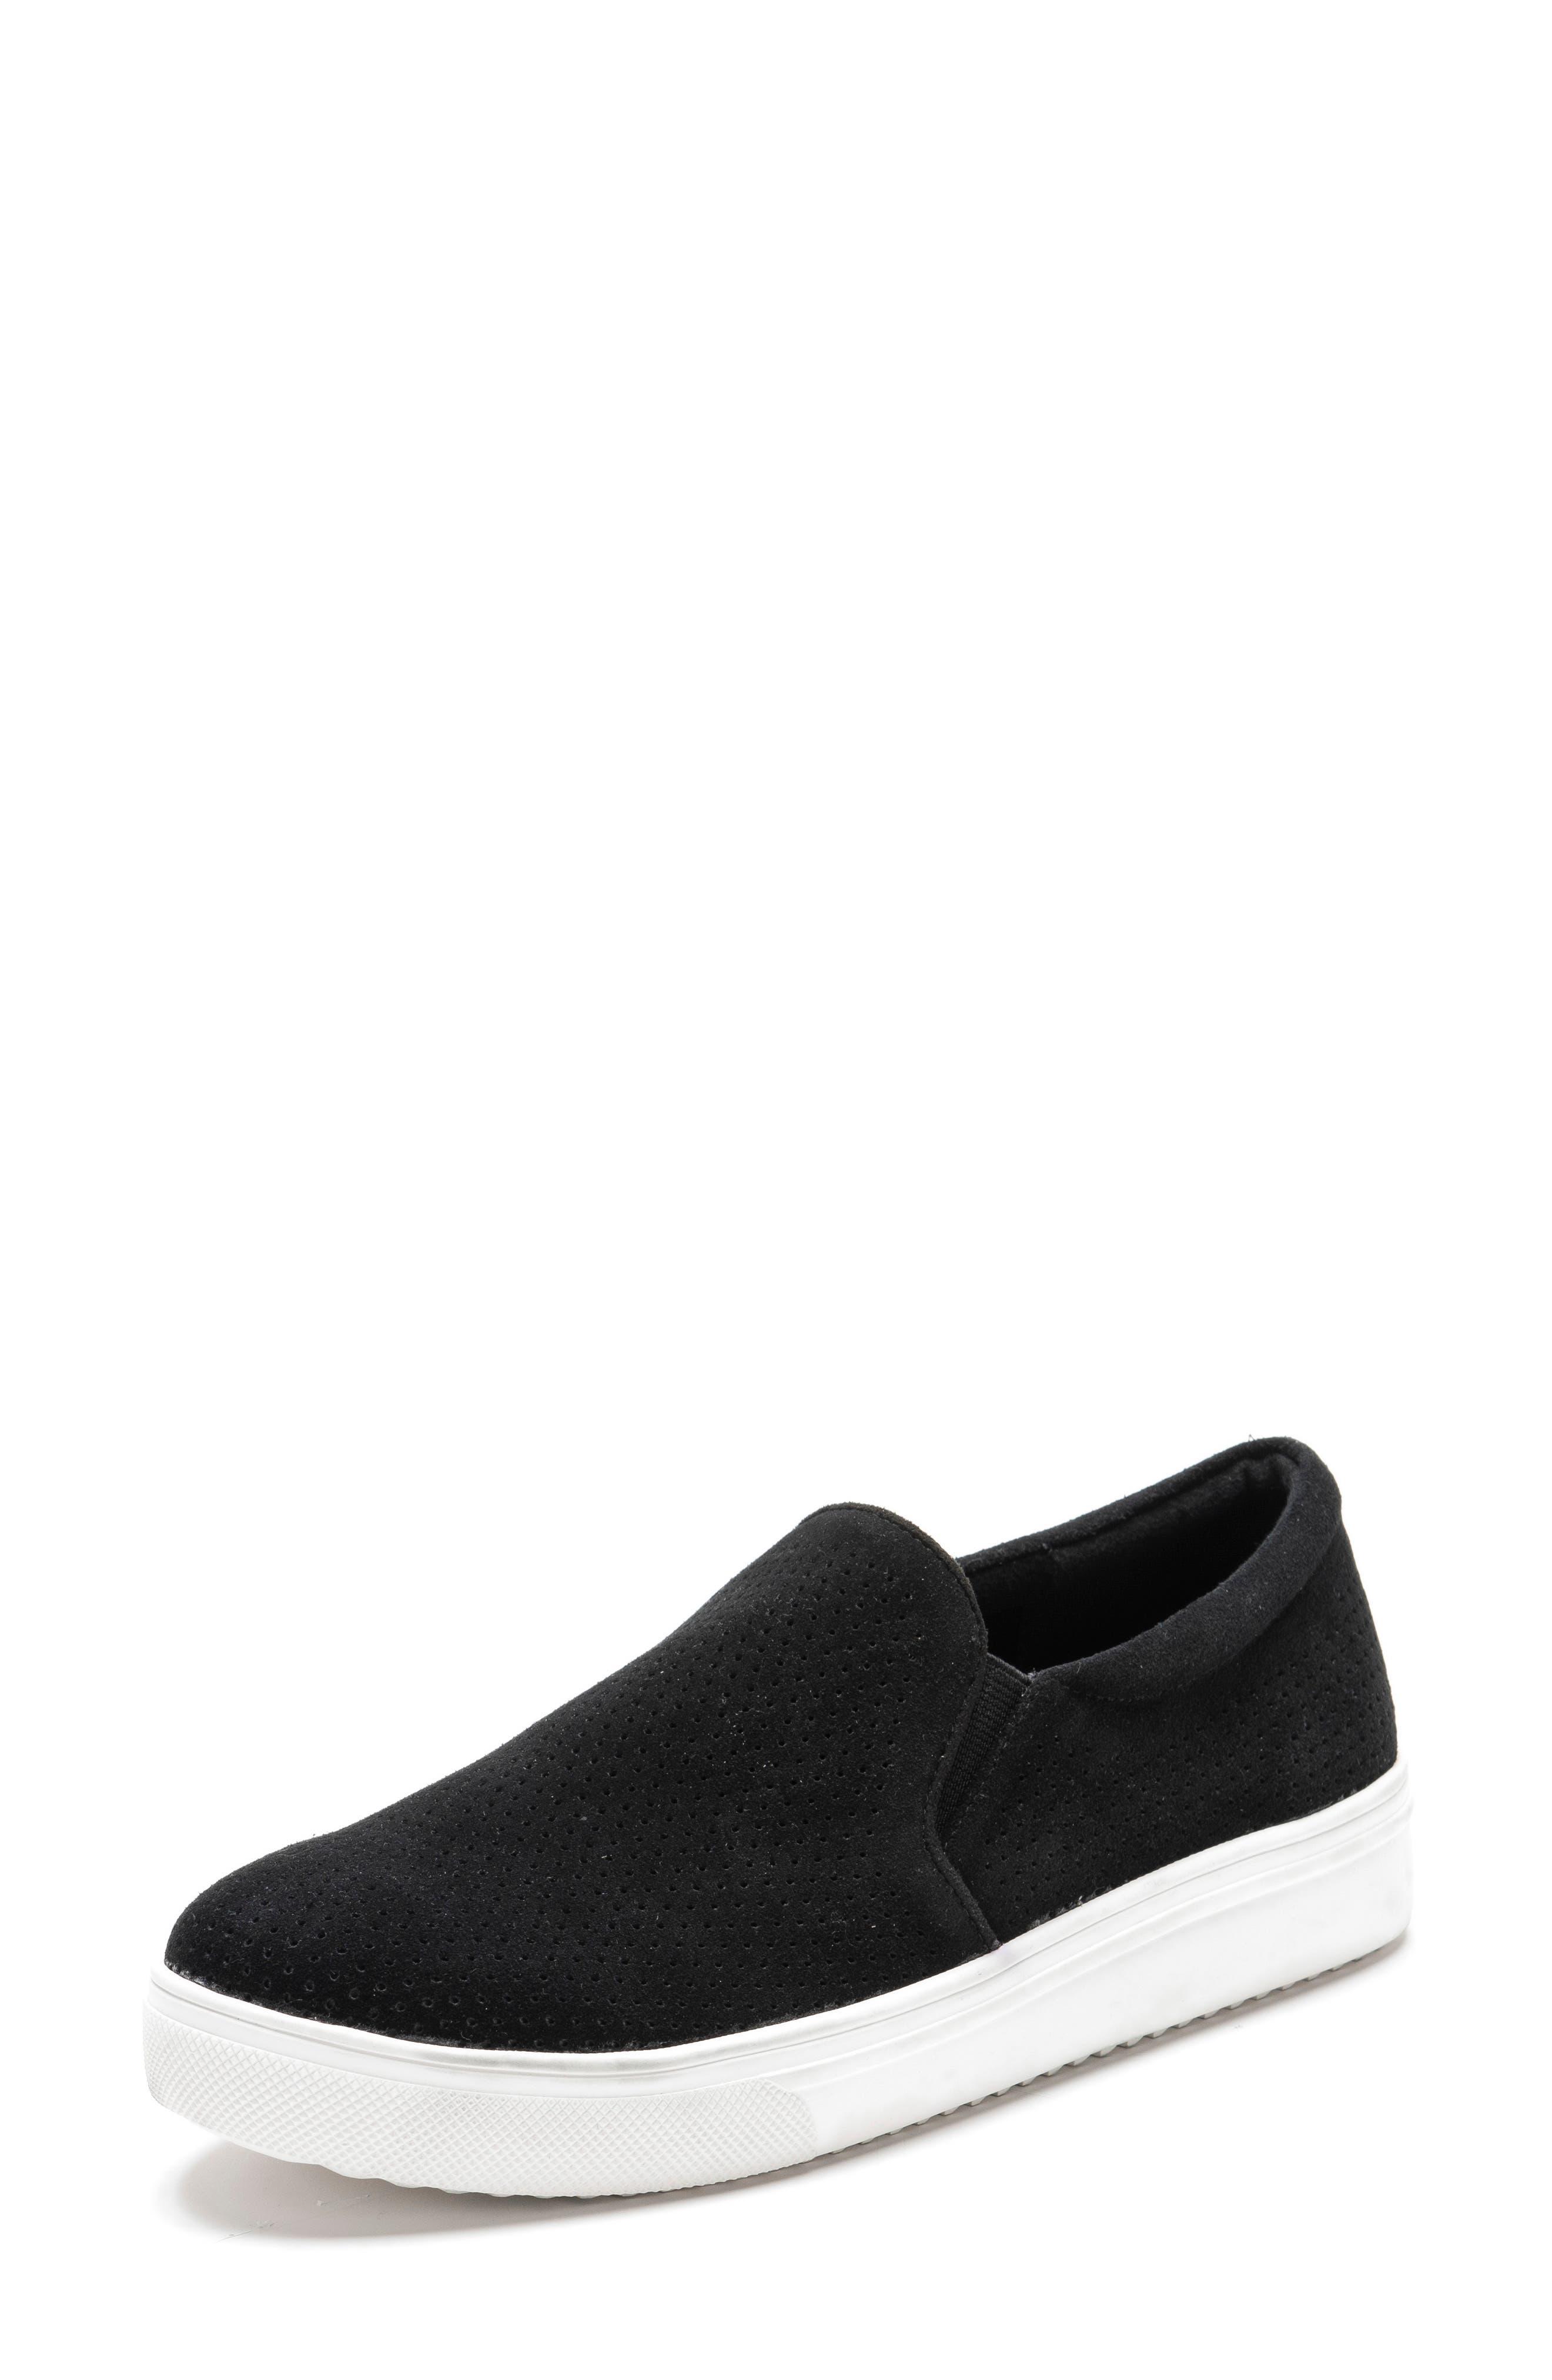 BLONDO, Gallert Perforated Waterproof Platform Sneaker, Alternate thumbnail 8, color, BLACK SUEDE